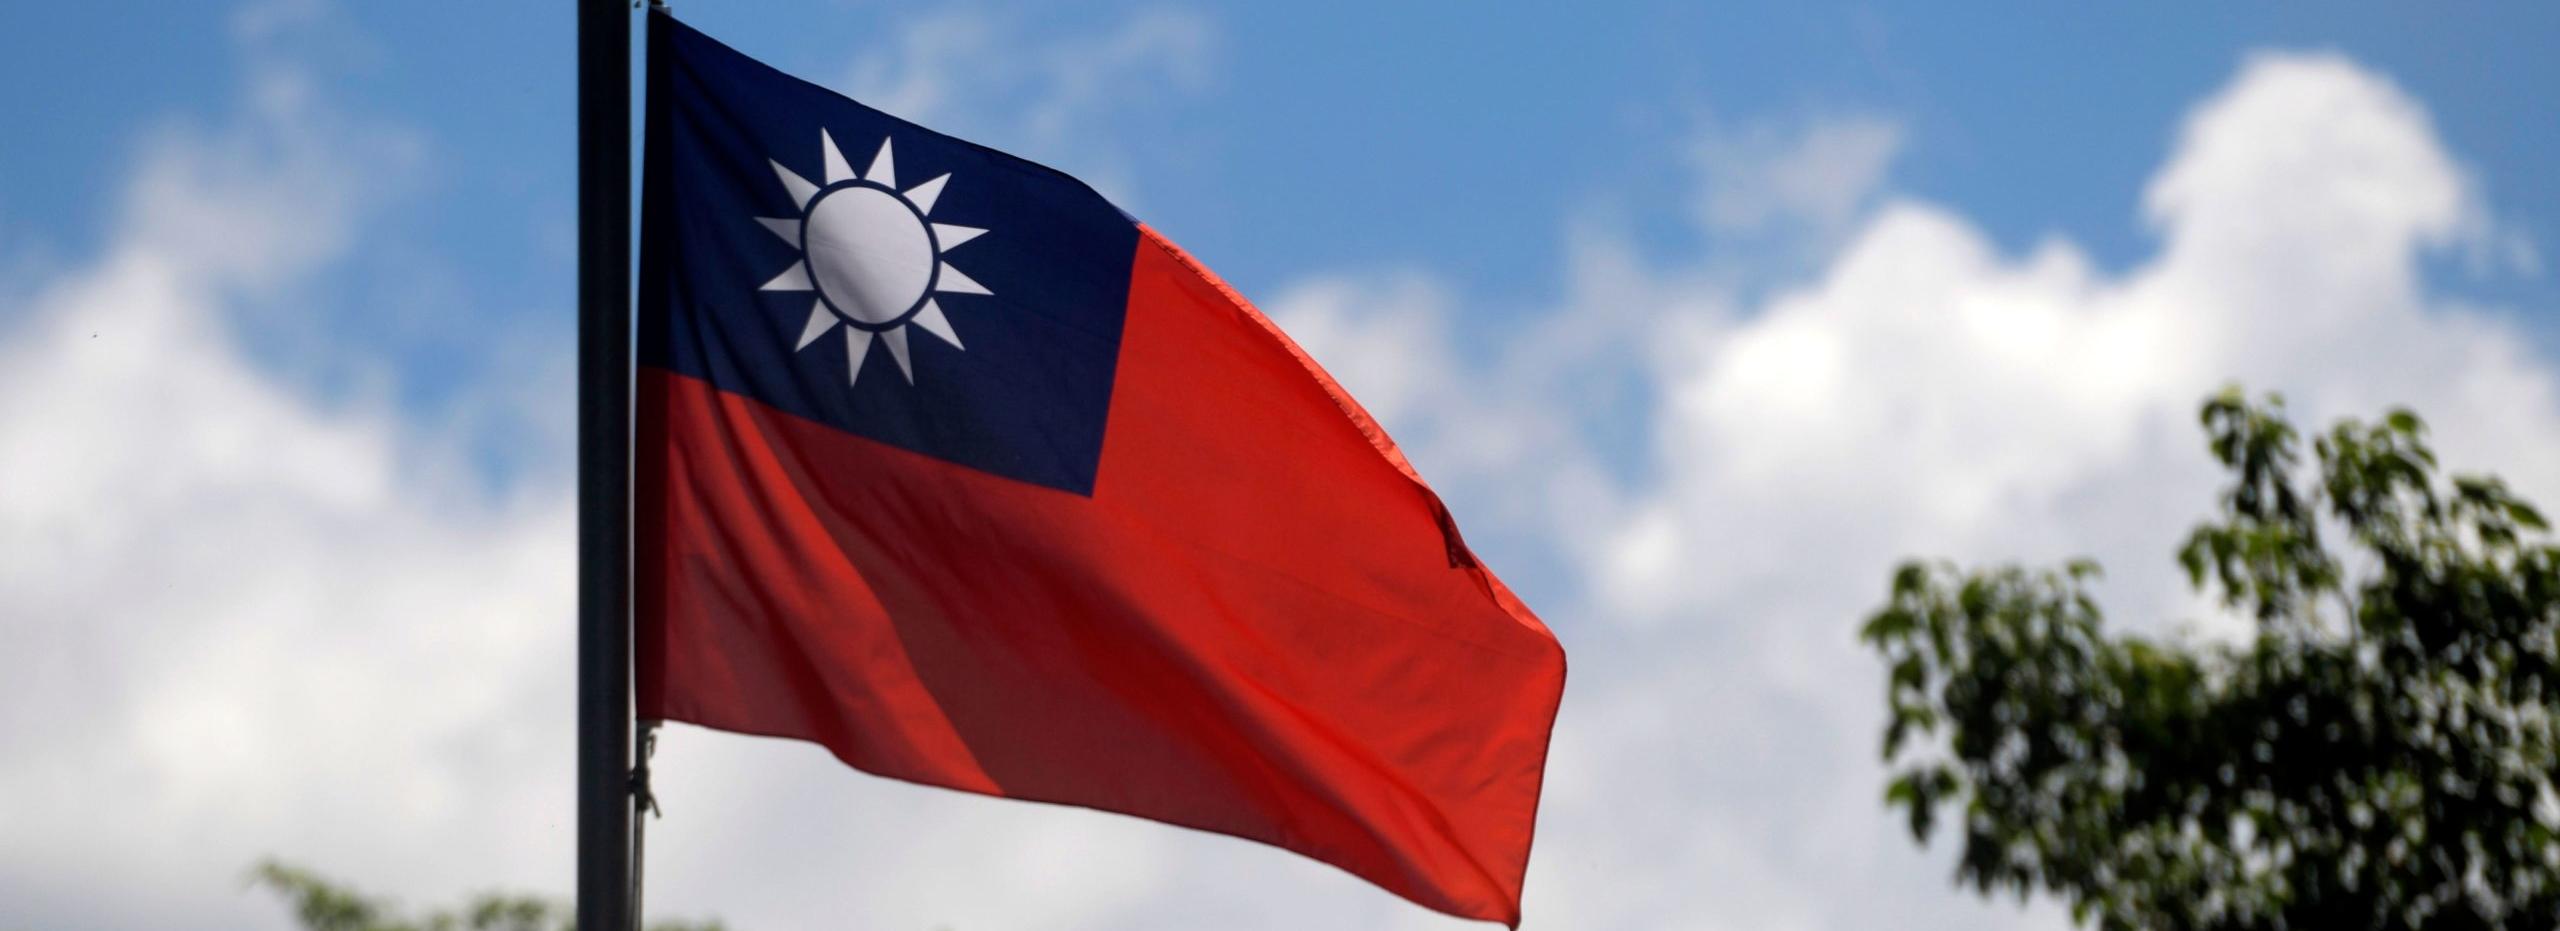 Eventi sportivi di oggi 11 aprile: mattinata a Taiwan, pomeriggio di calcio nell'Europa dell'Est